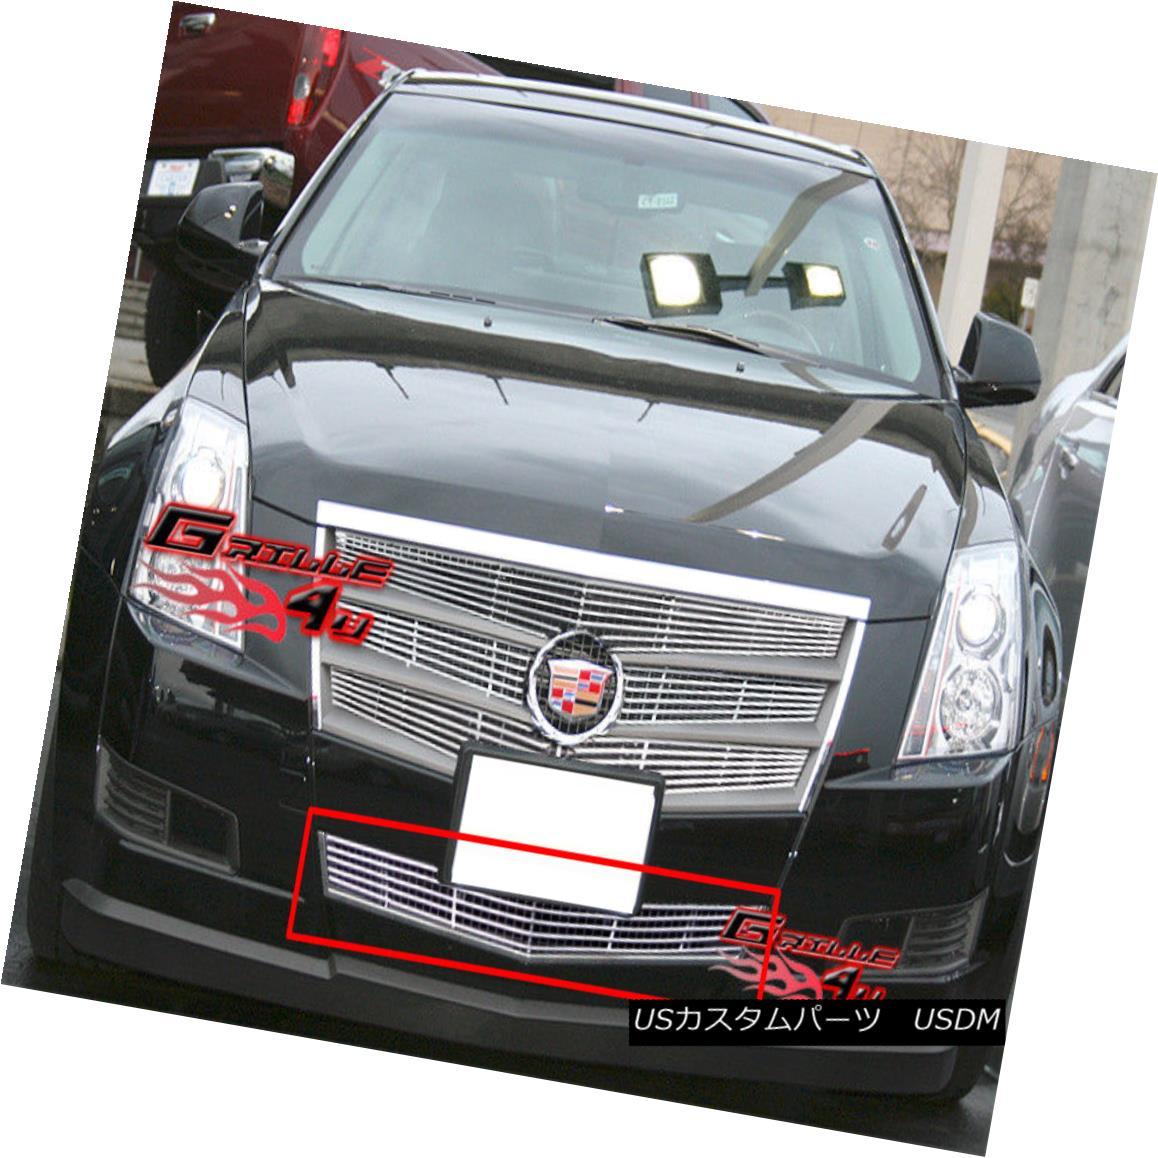 グリル Fits 2008-2013 Cadillac CTS Lower Bumper Billet Grille Grill Insert フィット2008-2013キャデラックCTSロワーバンパービレットグリルグリルインサート